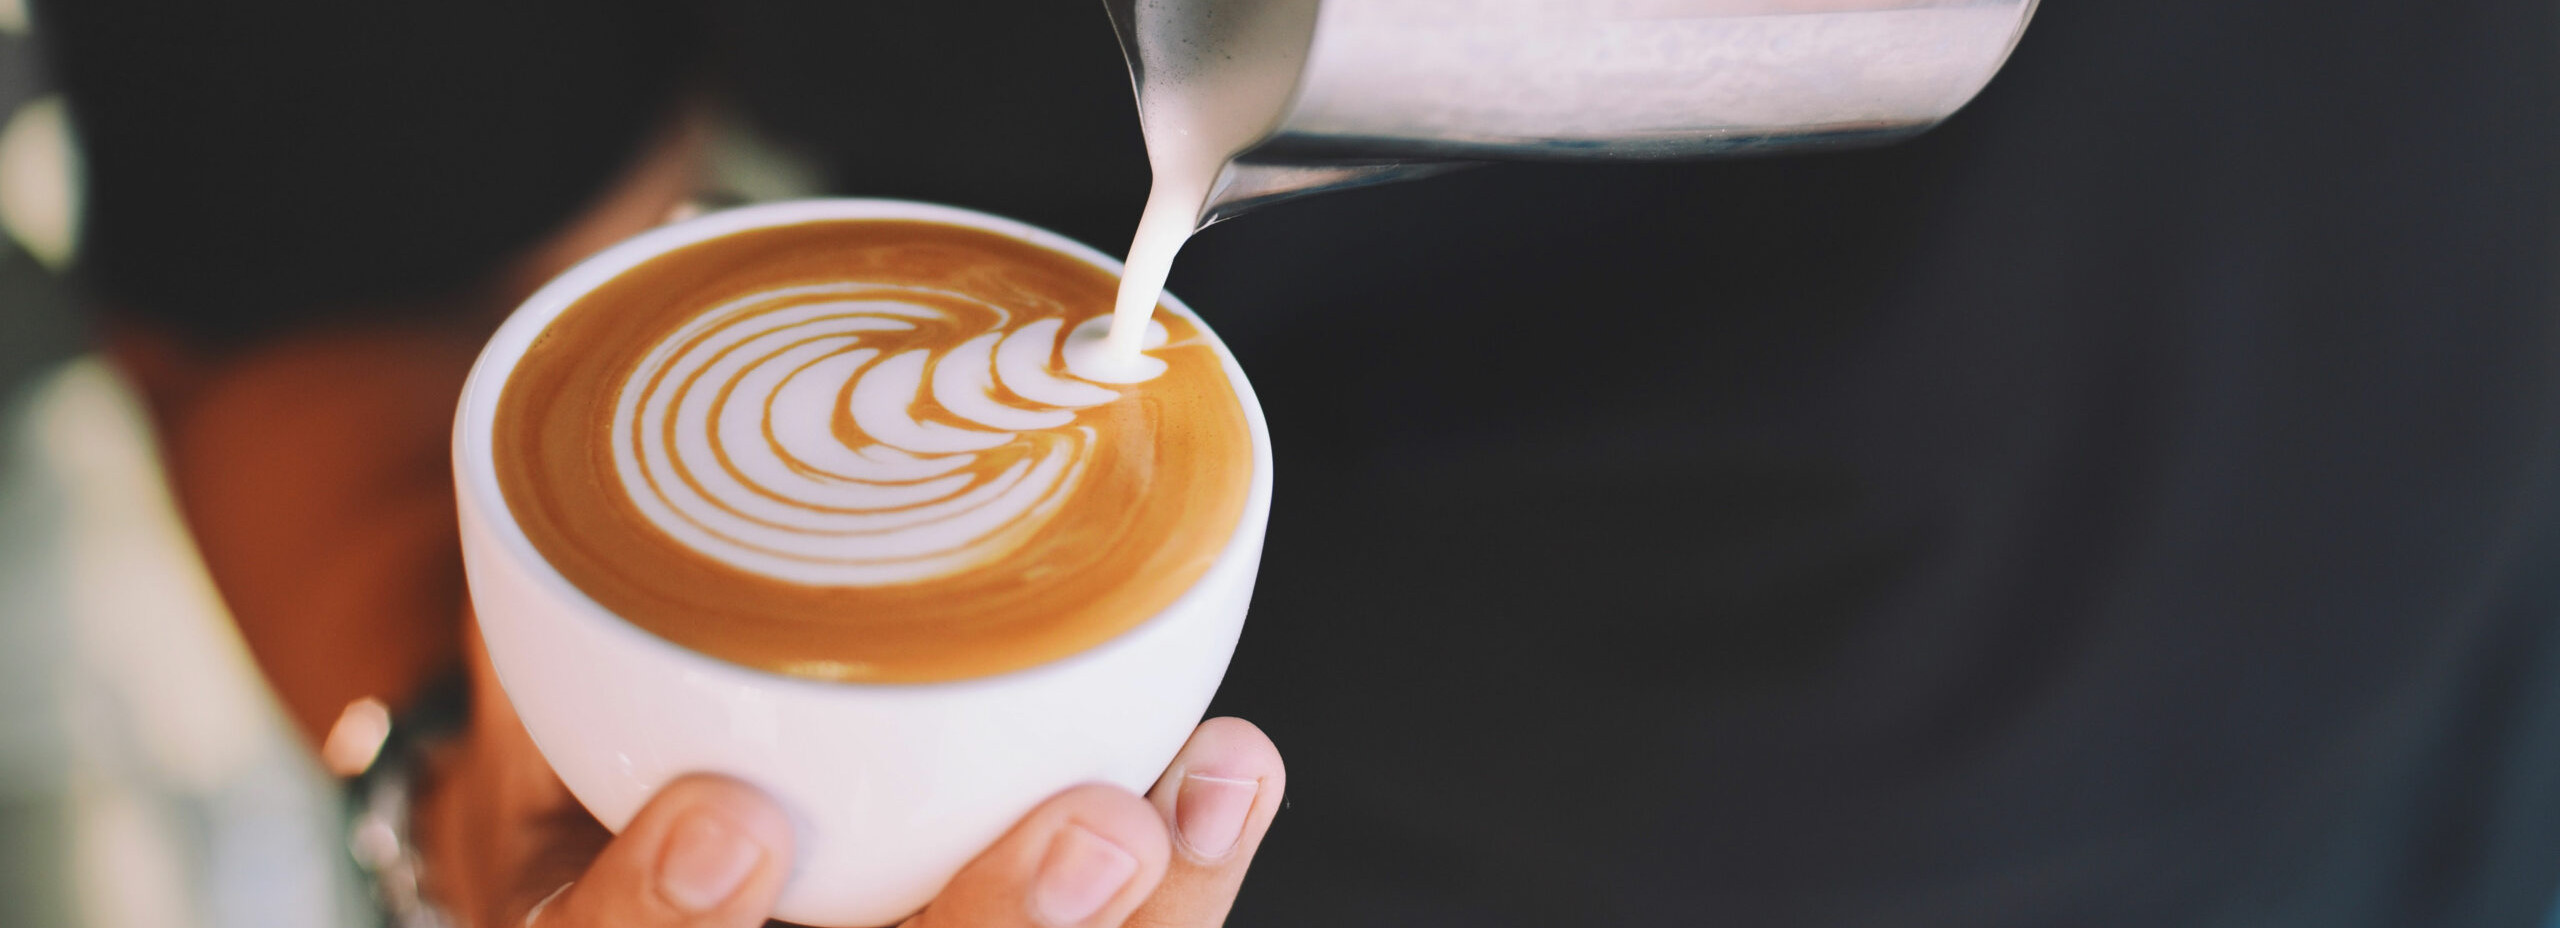 Café-app-hero